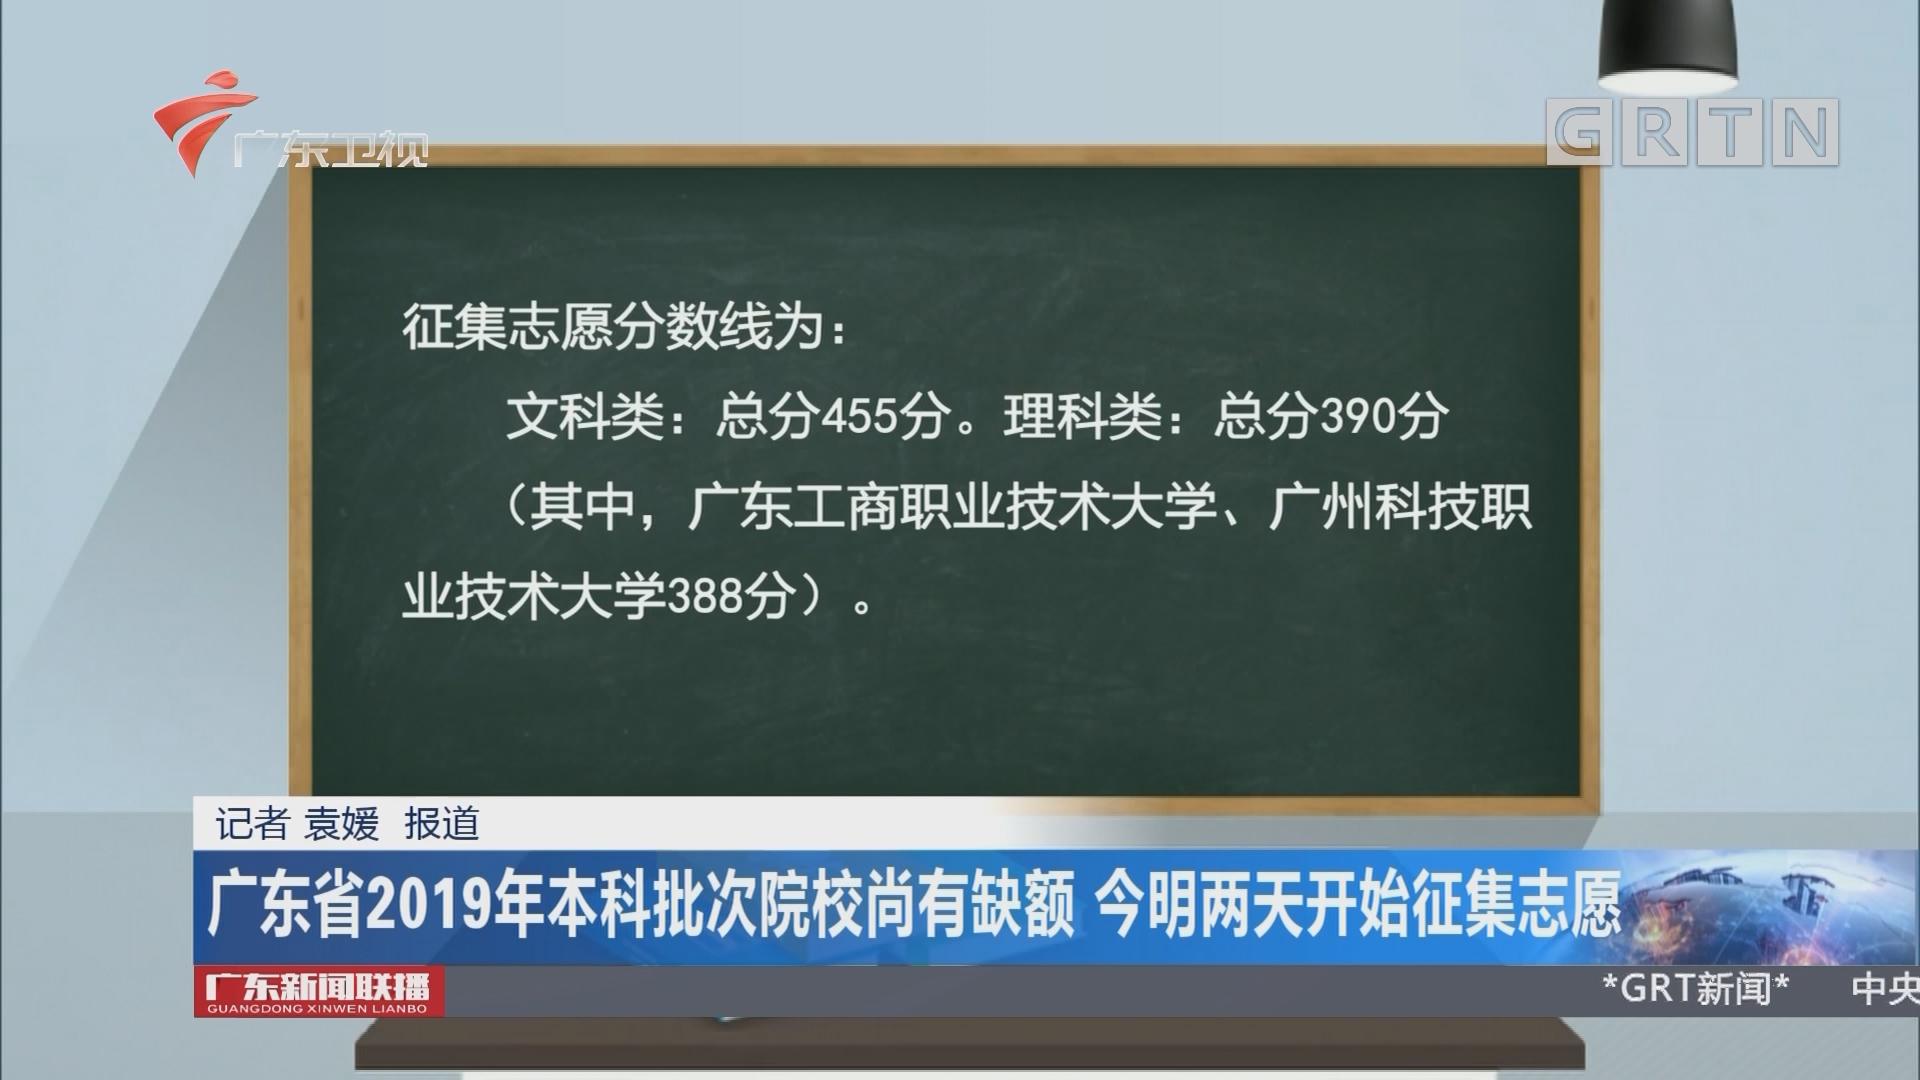 广东省2019年本科批次院校尚有缺额 今明两天开始征集志愿